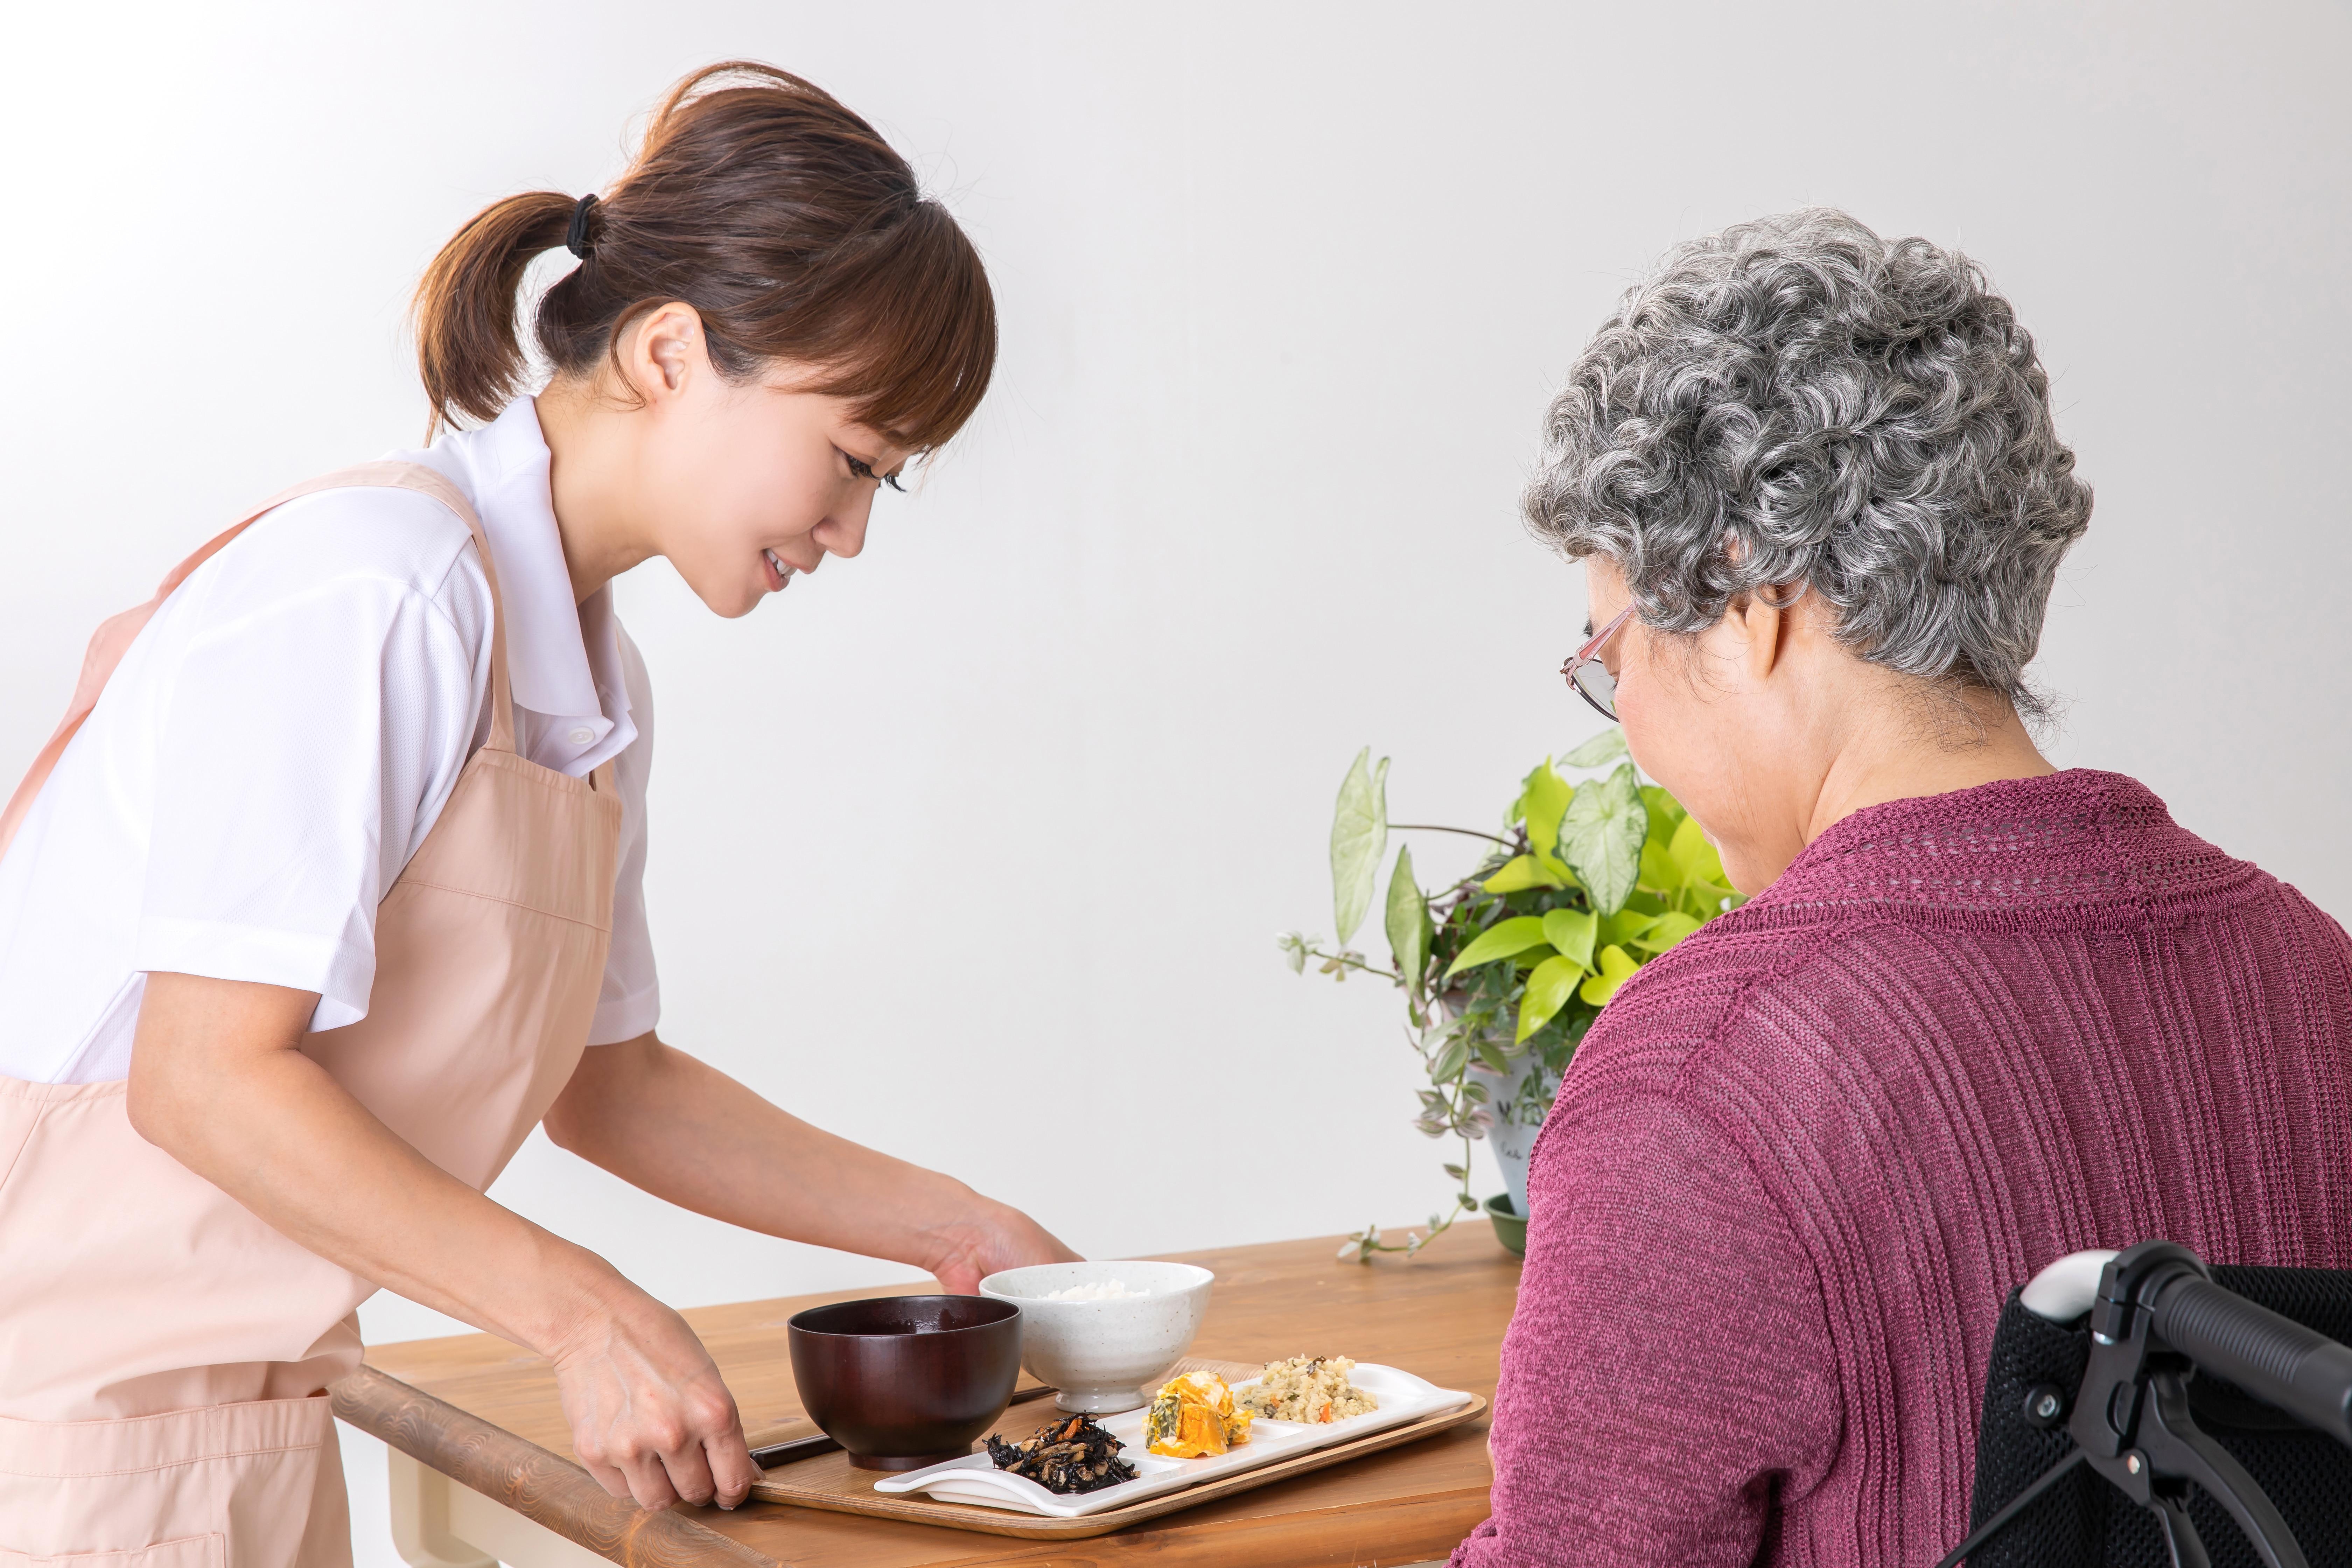 配膳する女性